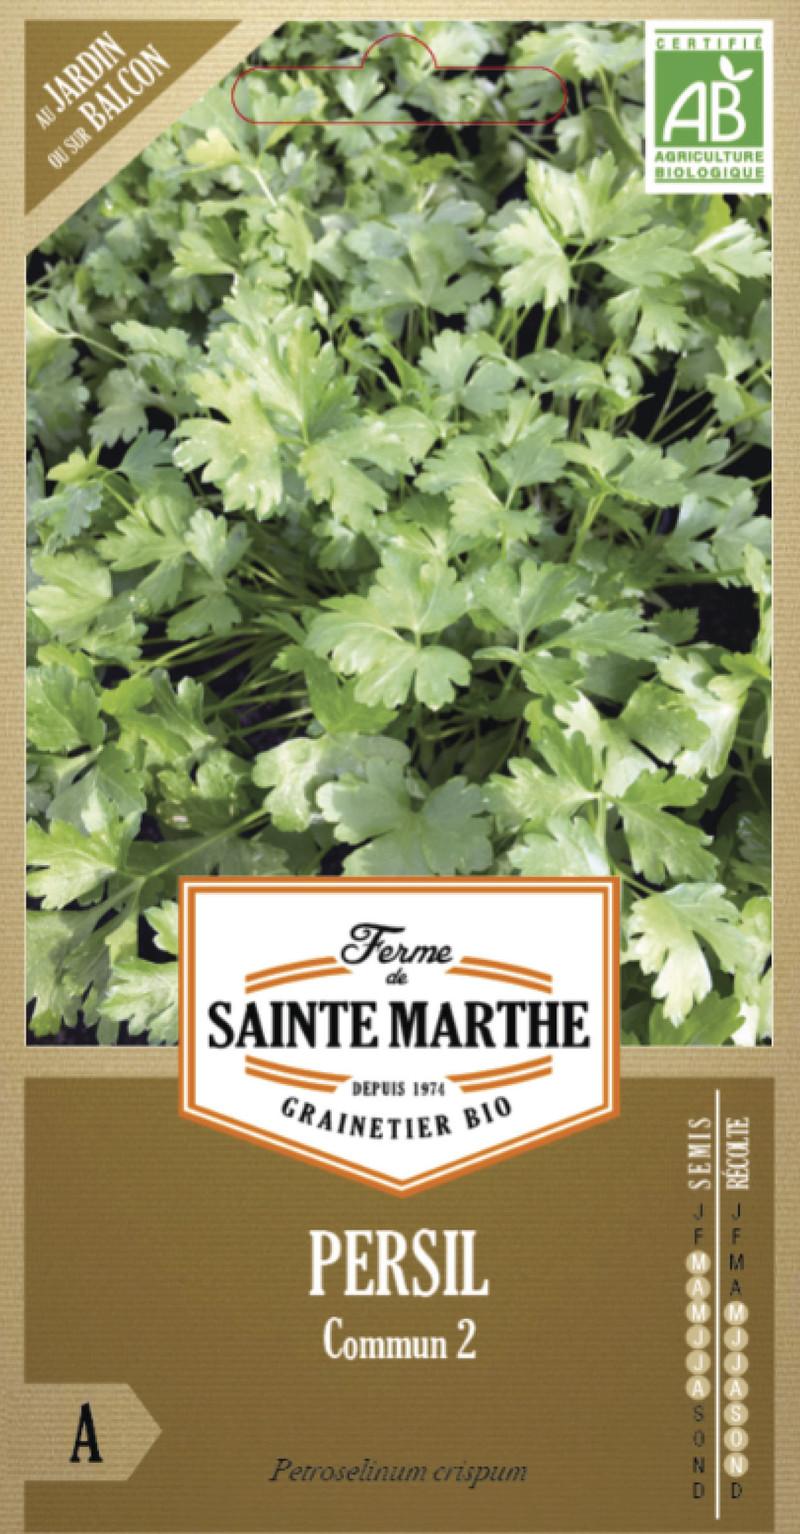 persil commun 2 bio la ferme de sainte marthe graine semence aromatique sachet semis - Voir en grand